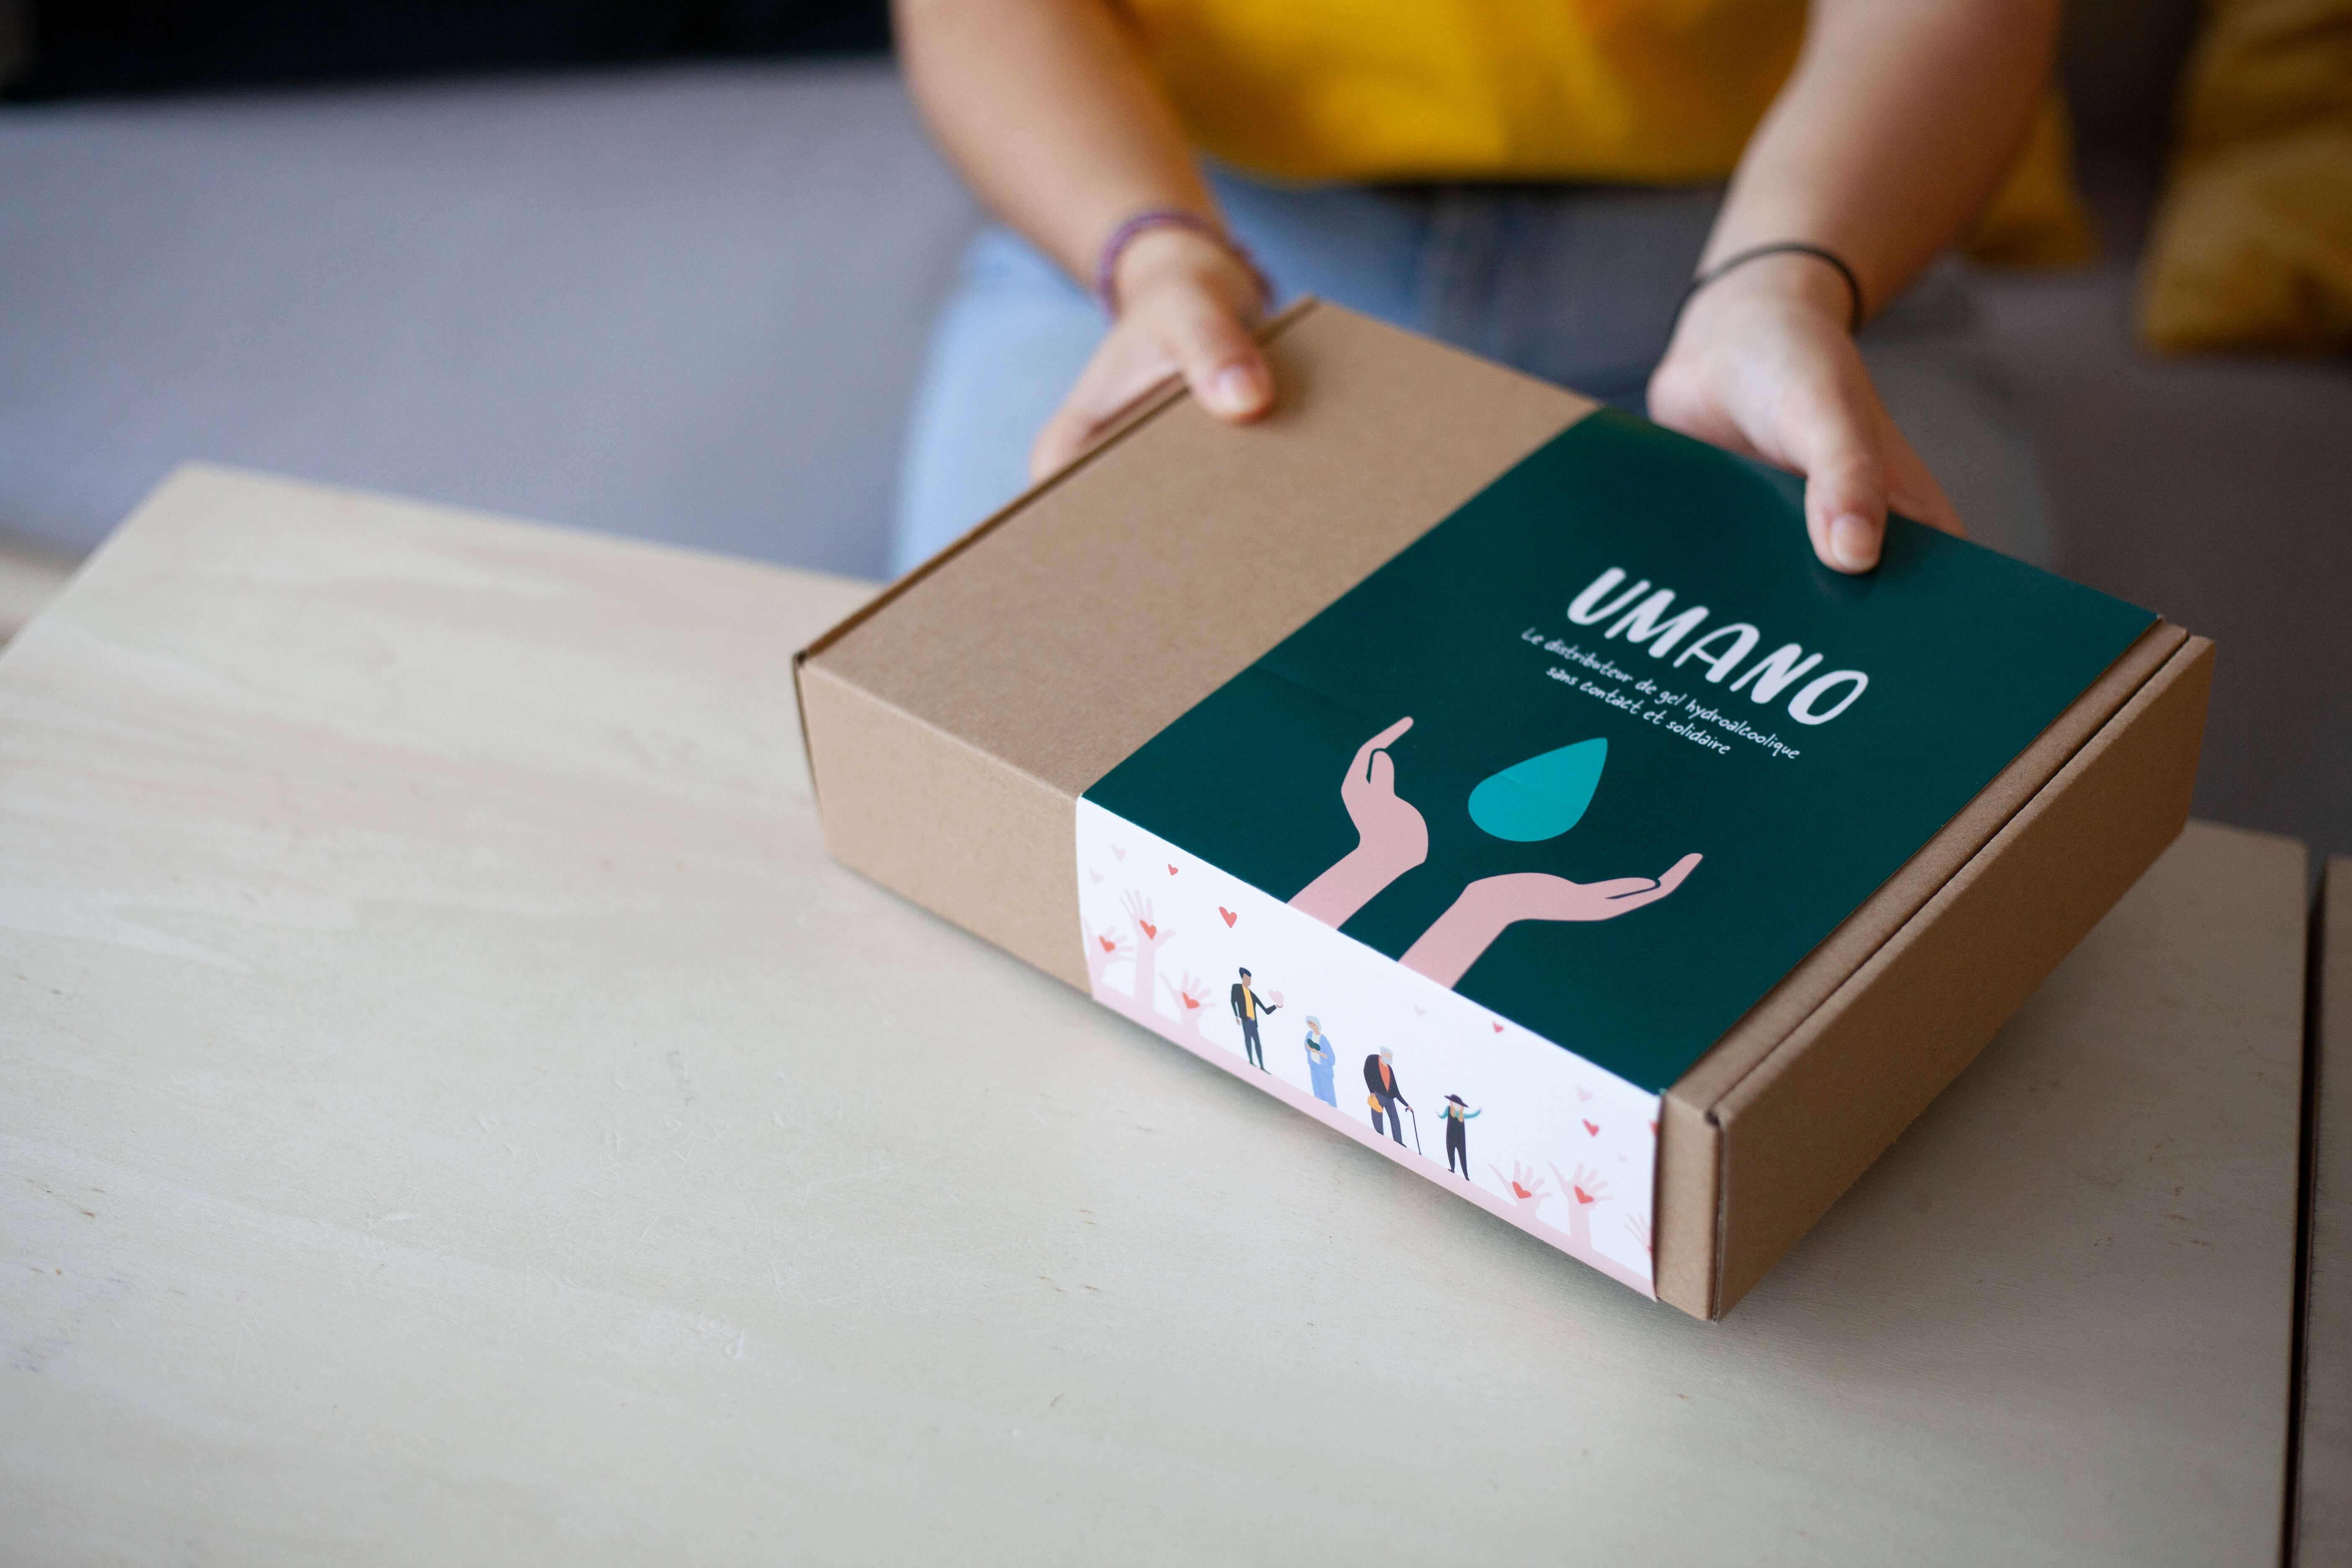 Una chica sostiene una caja postal de cartón